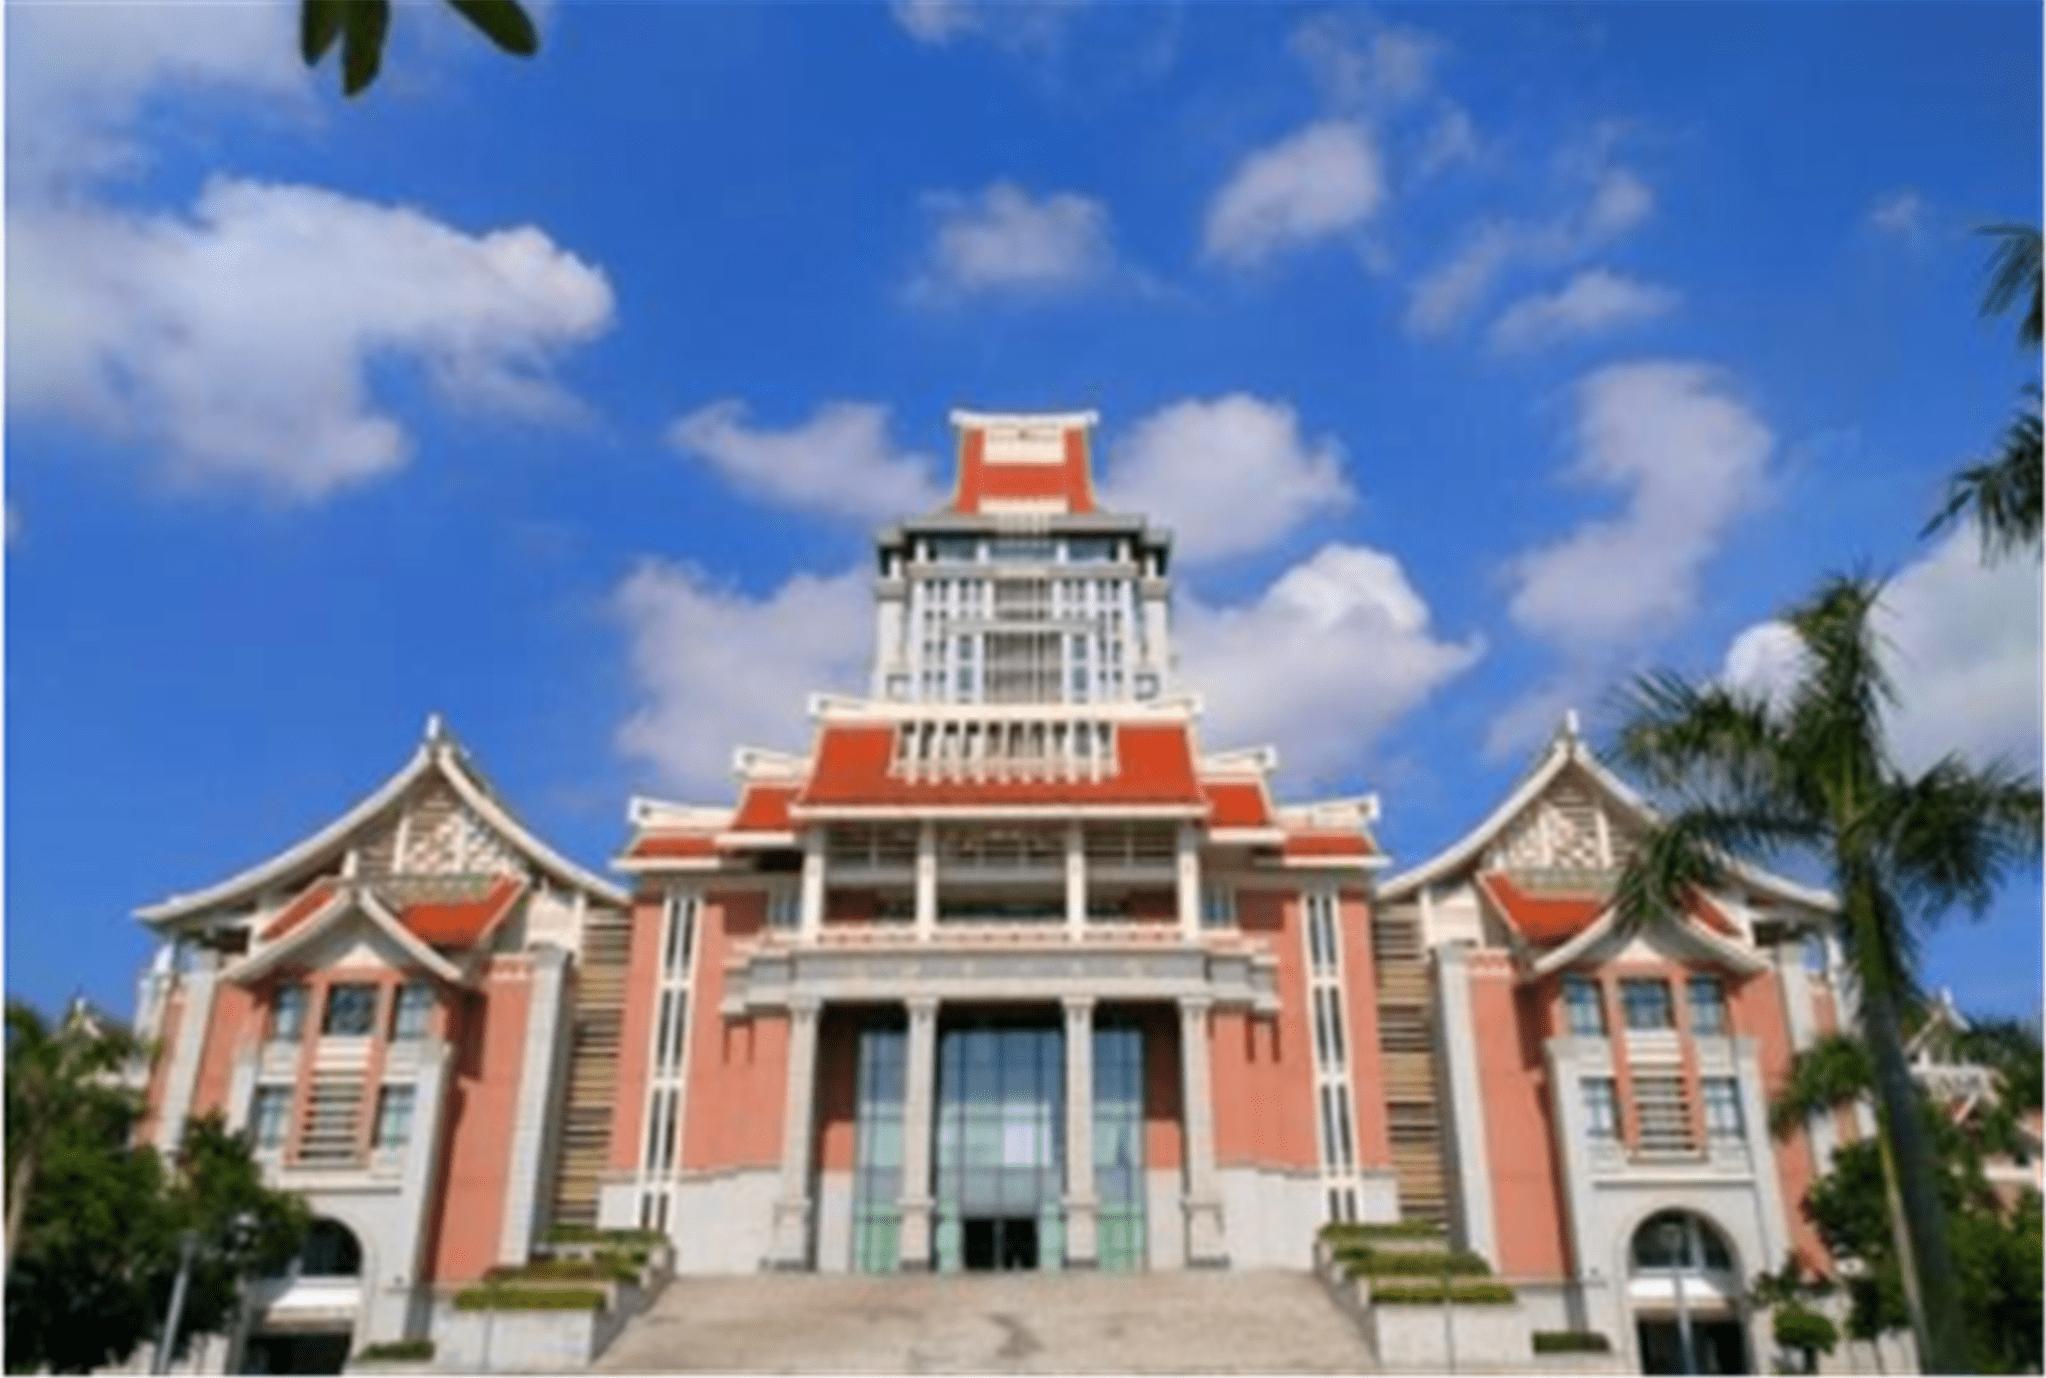 福建农林大学是几本(福建农林大学是211吗)